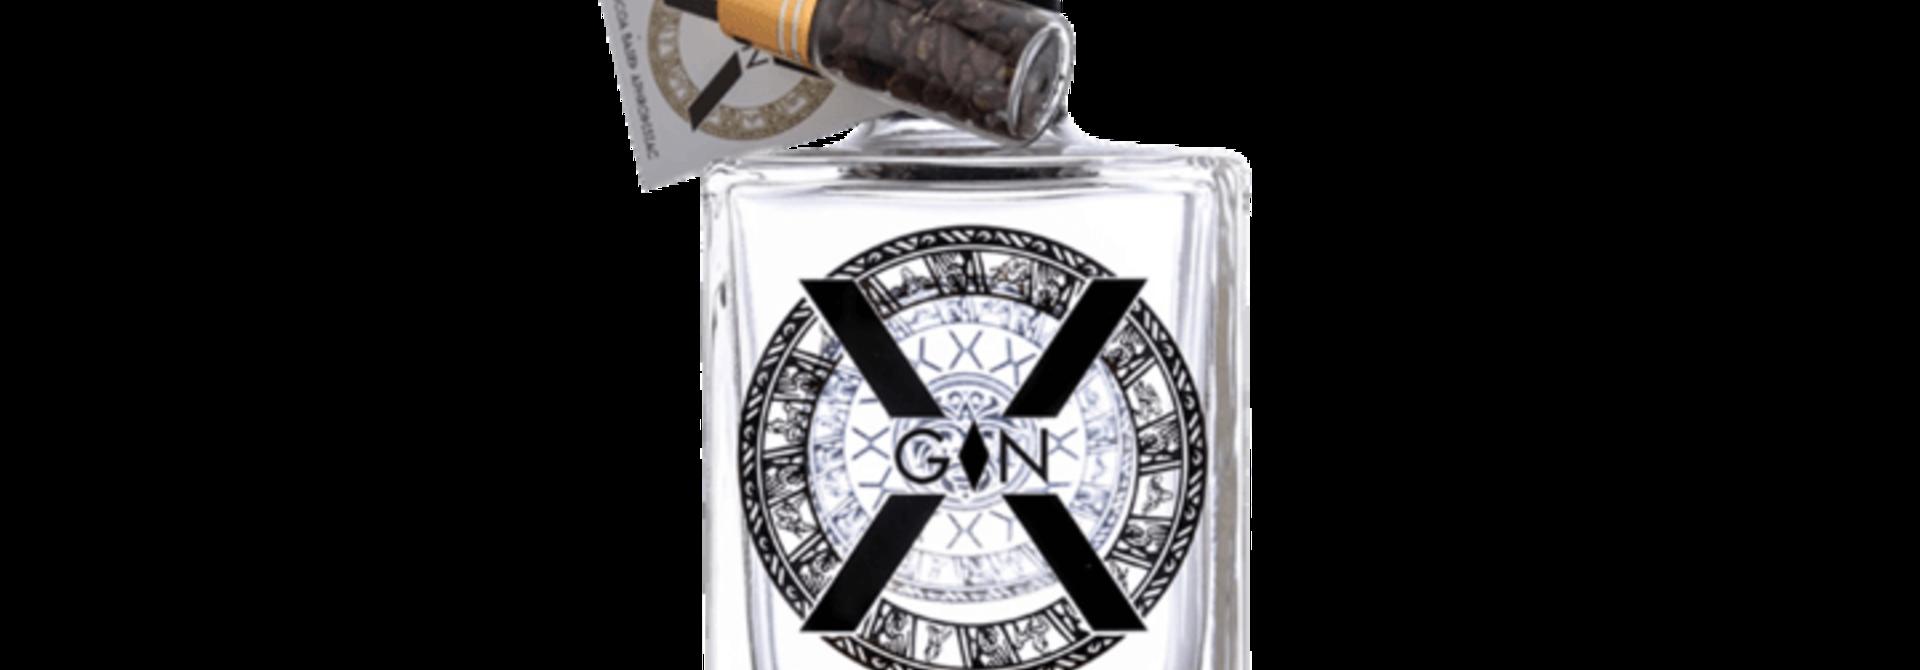 X -Gin